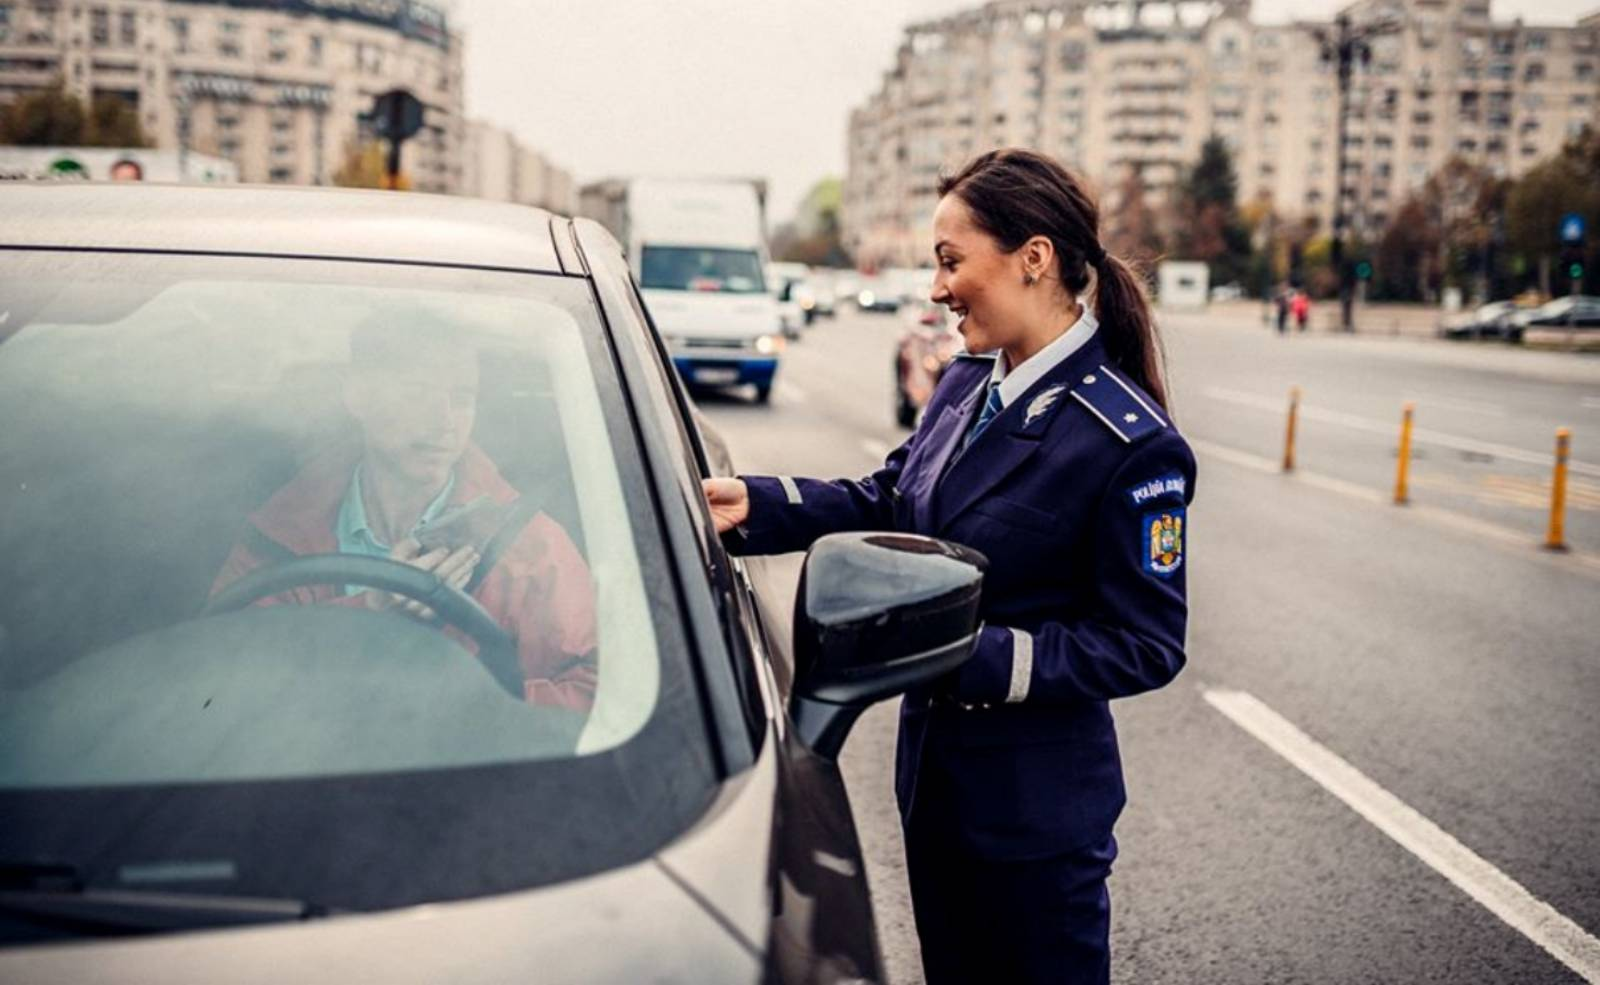 Avertizarea Politiei Romane locurile angajare fictive